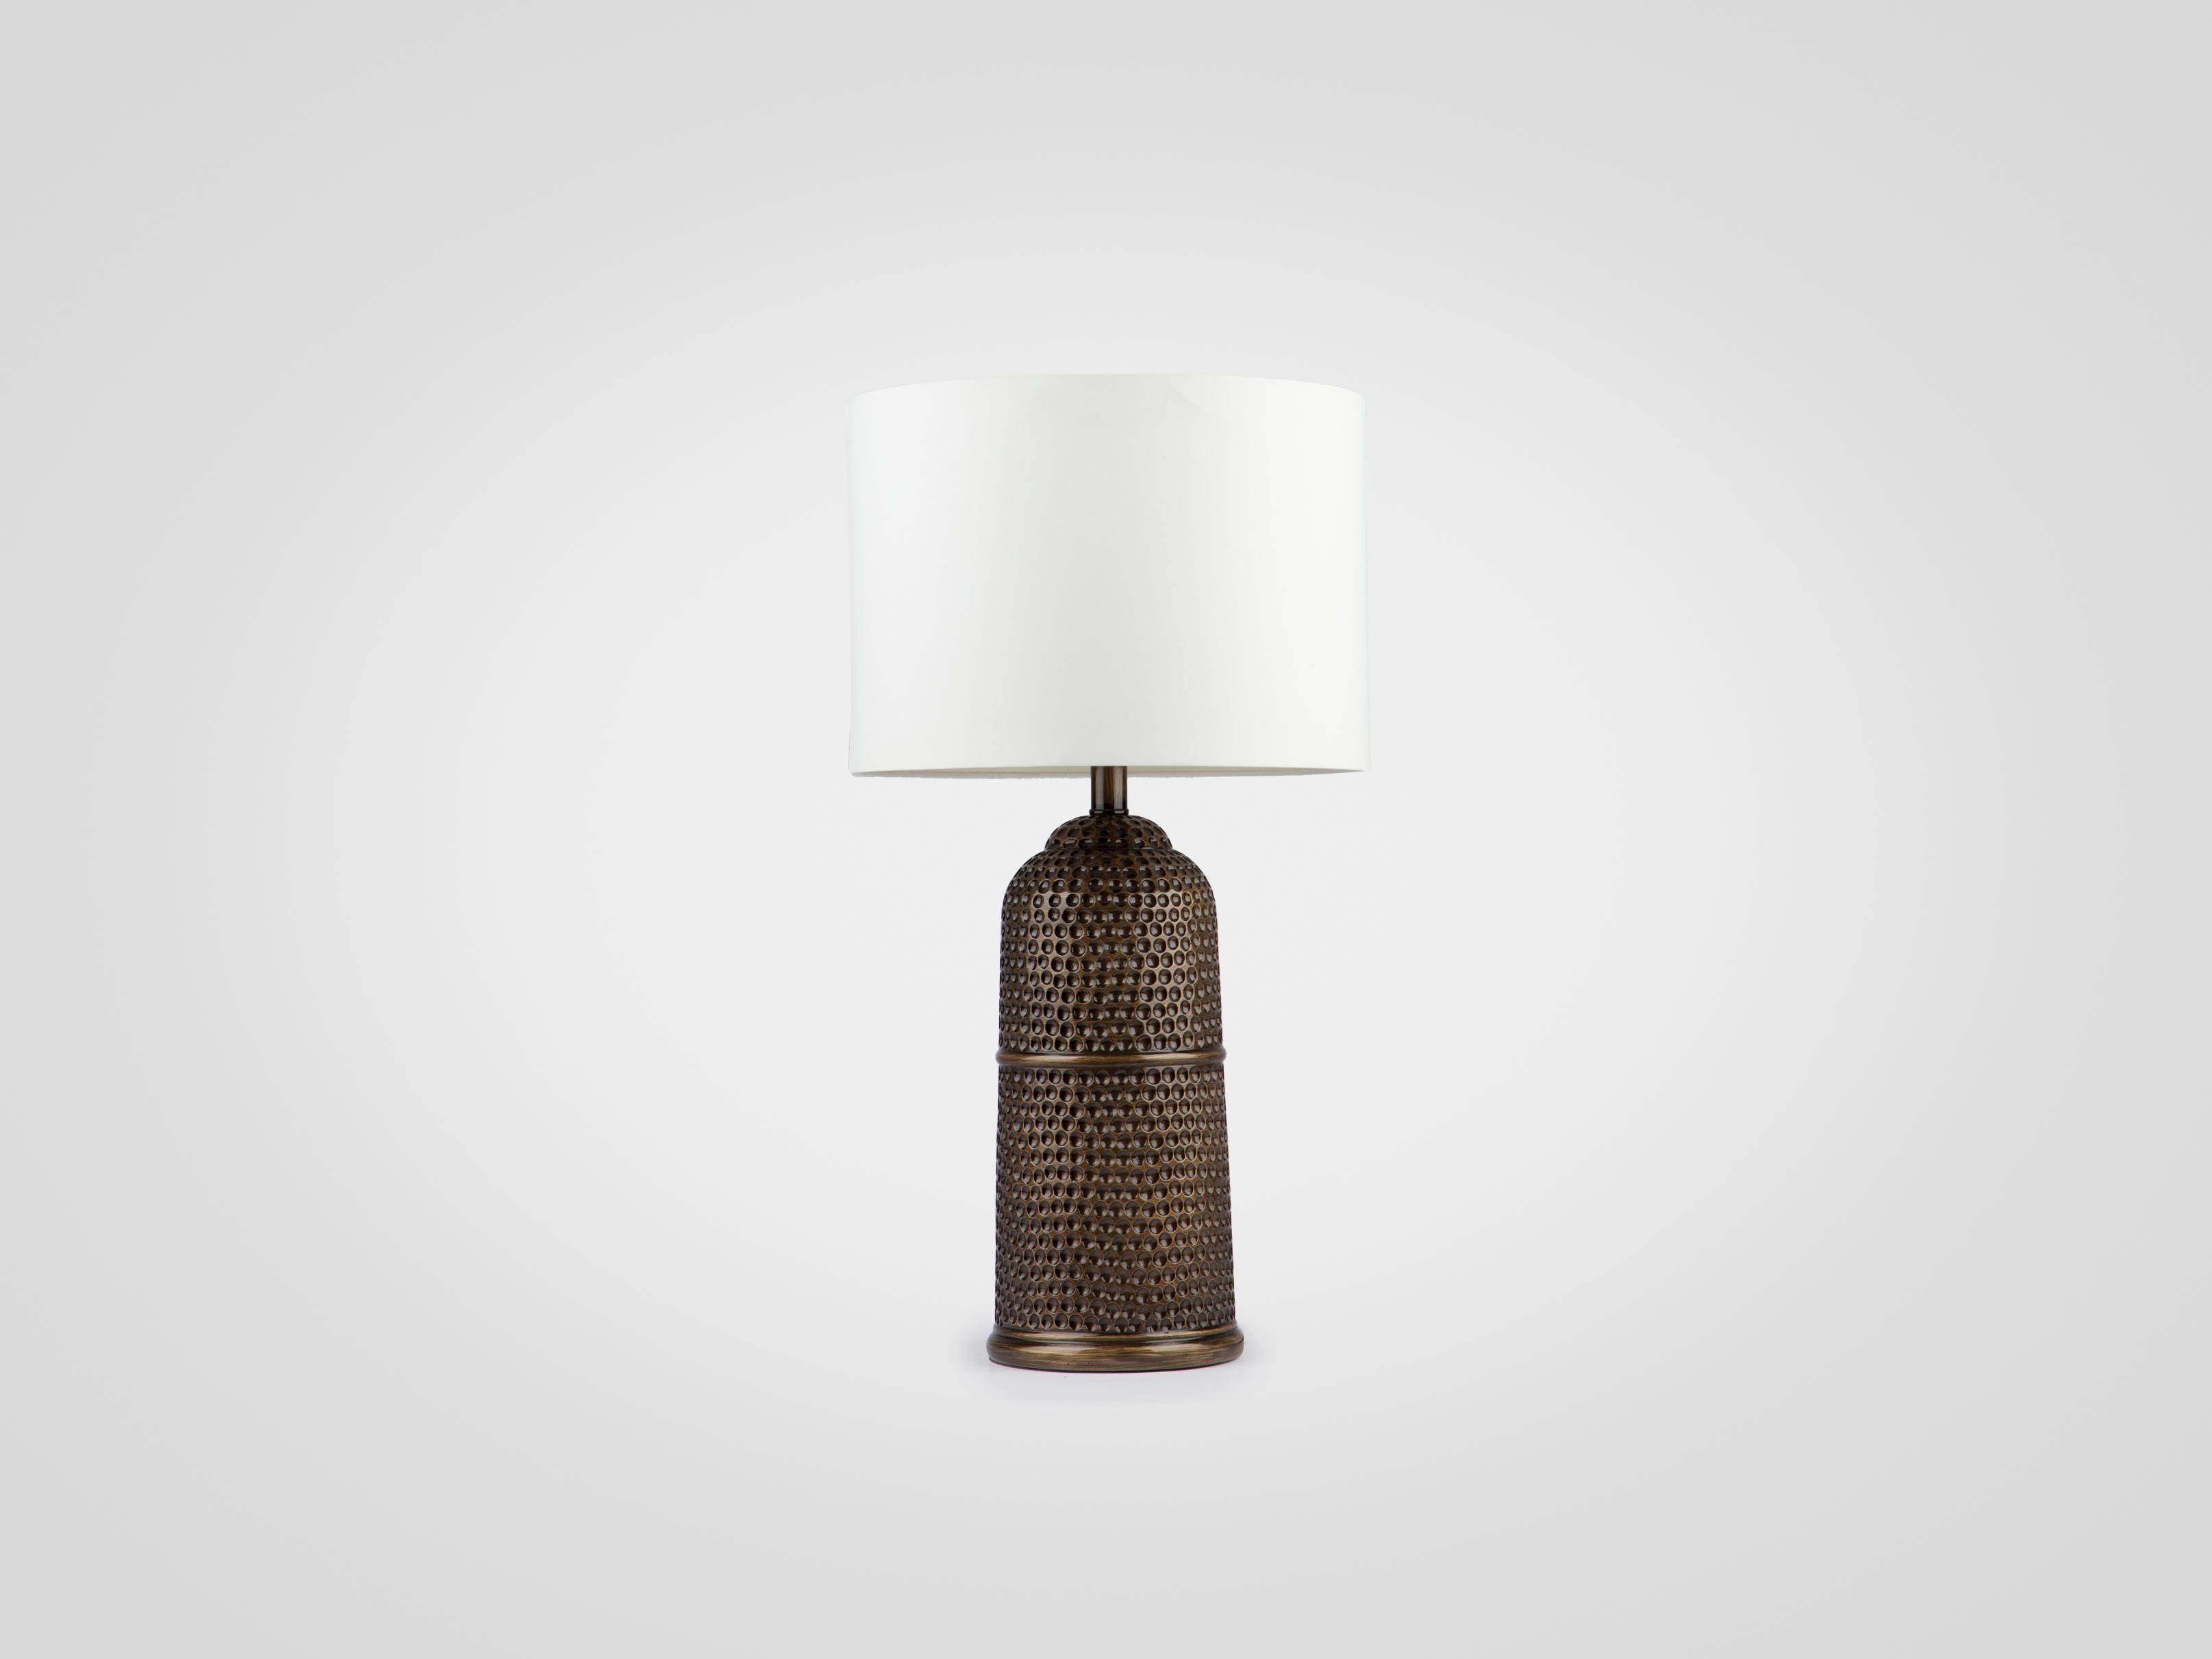 Купить Лампа настольная на декоративной ножке цвета состаренного металла с белым абажуром, inmyroom, Китай